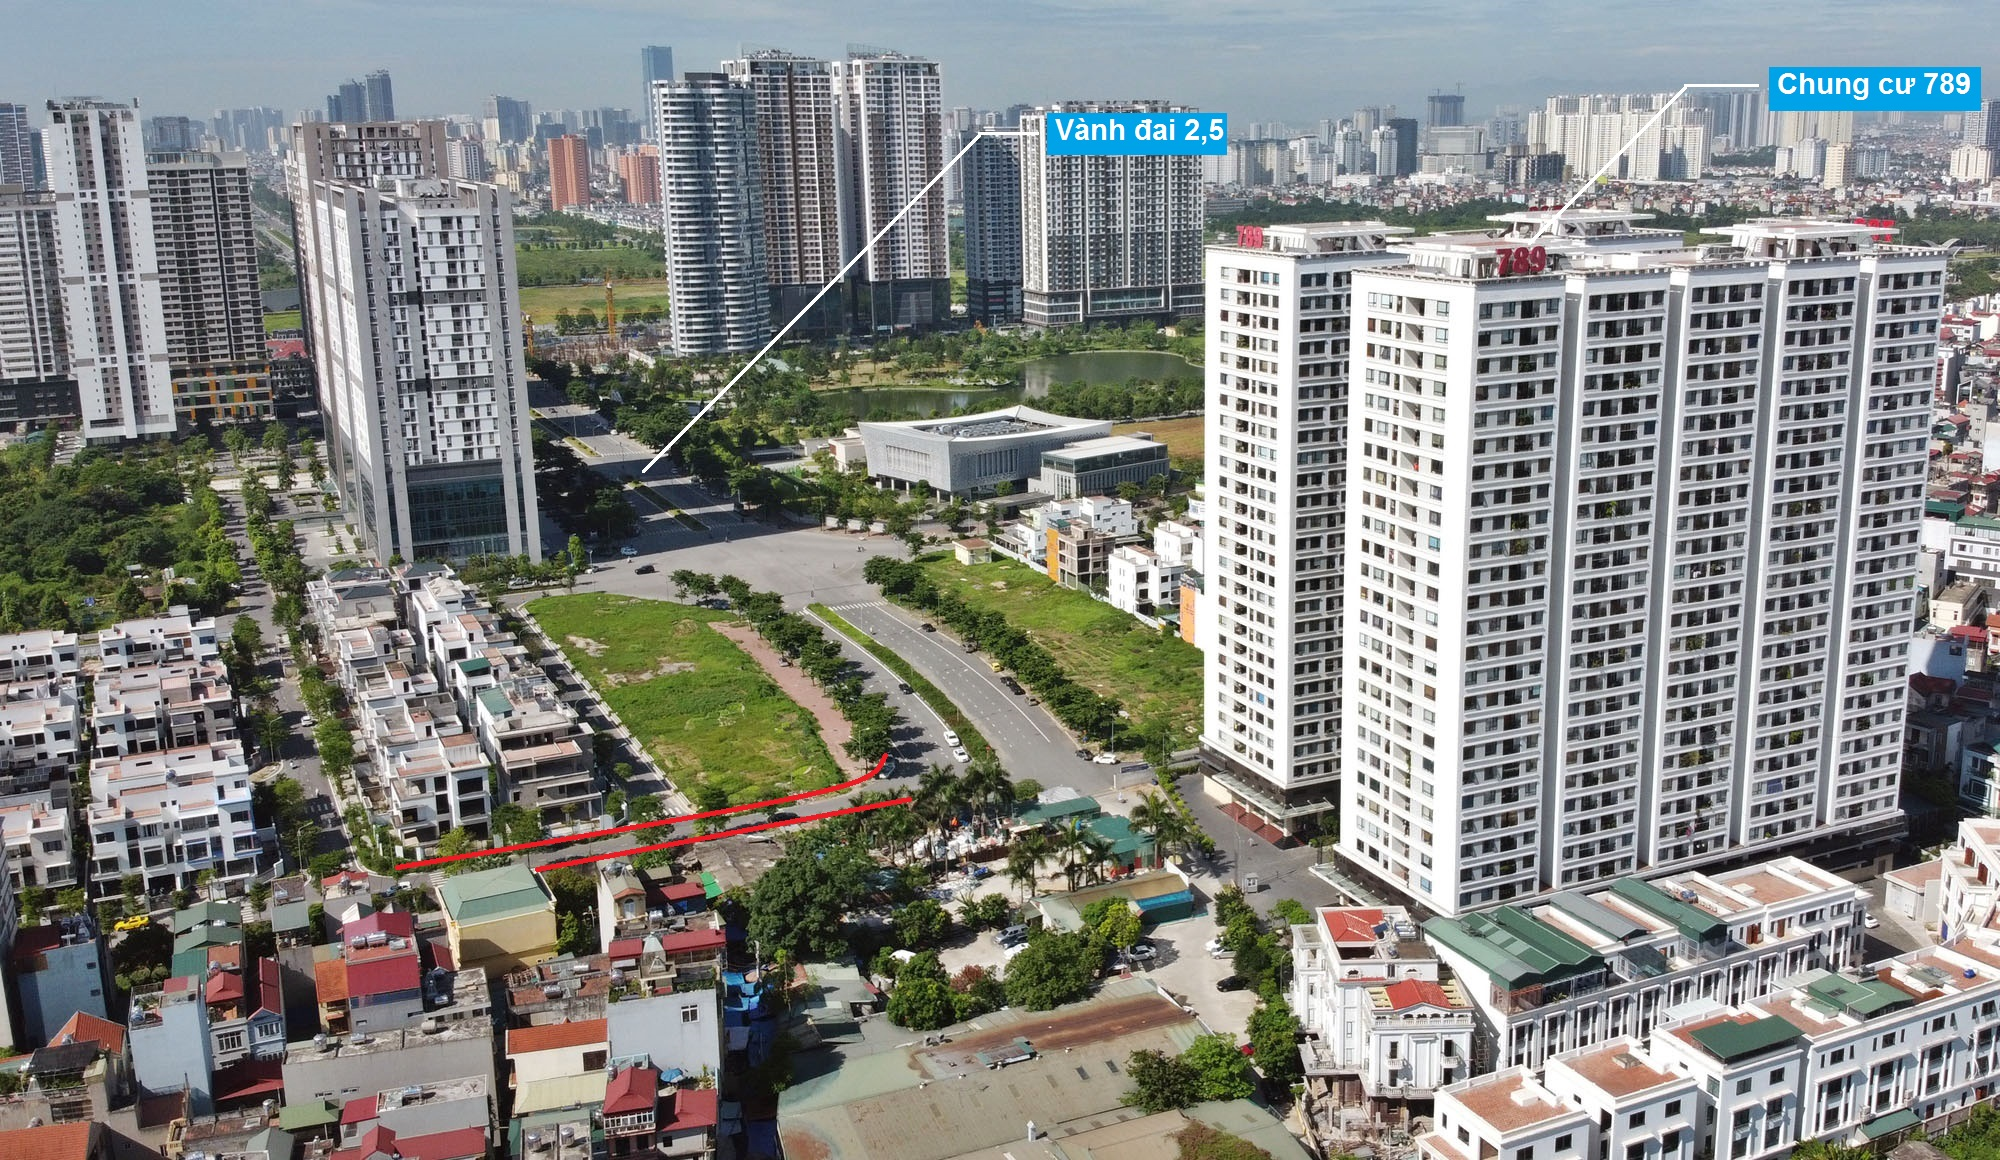 Ba đường sẽ mở theo qui hoạch ở phường Xuân Tảo, Bắc Từ Liêm, Hà Nội (phần 2) - Ảnh 3.